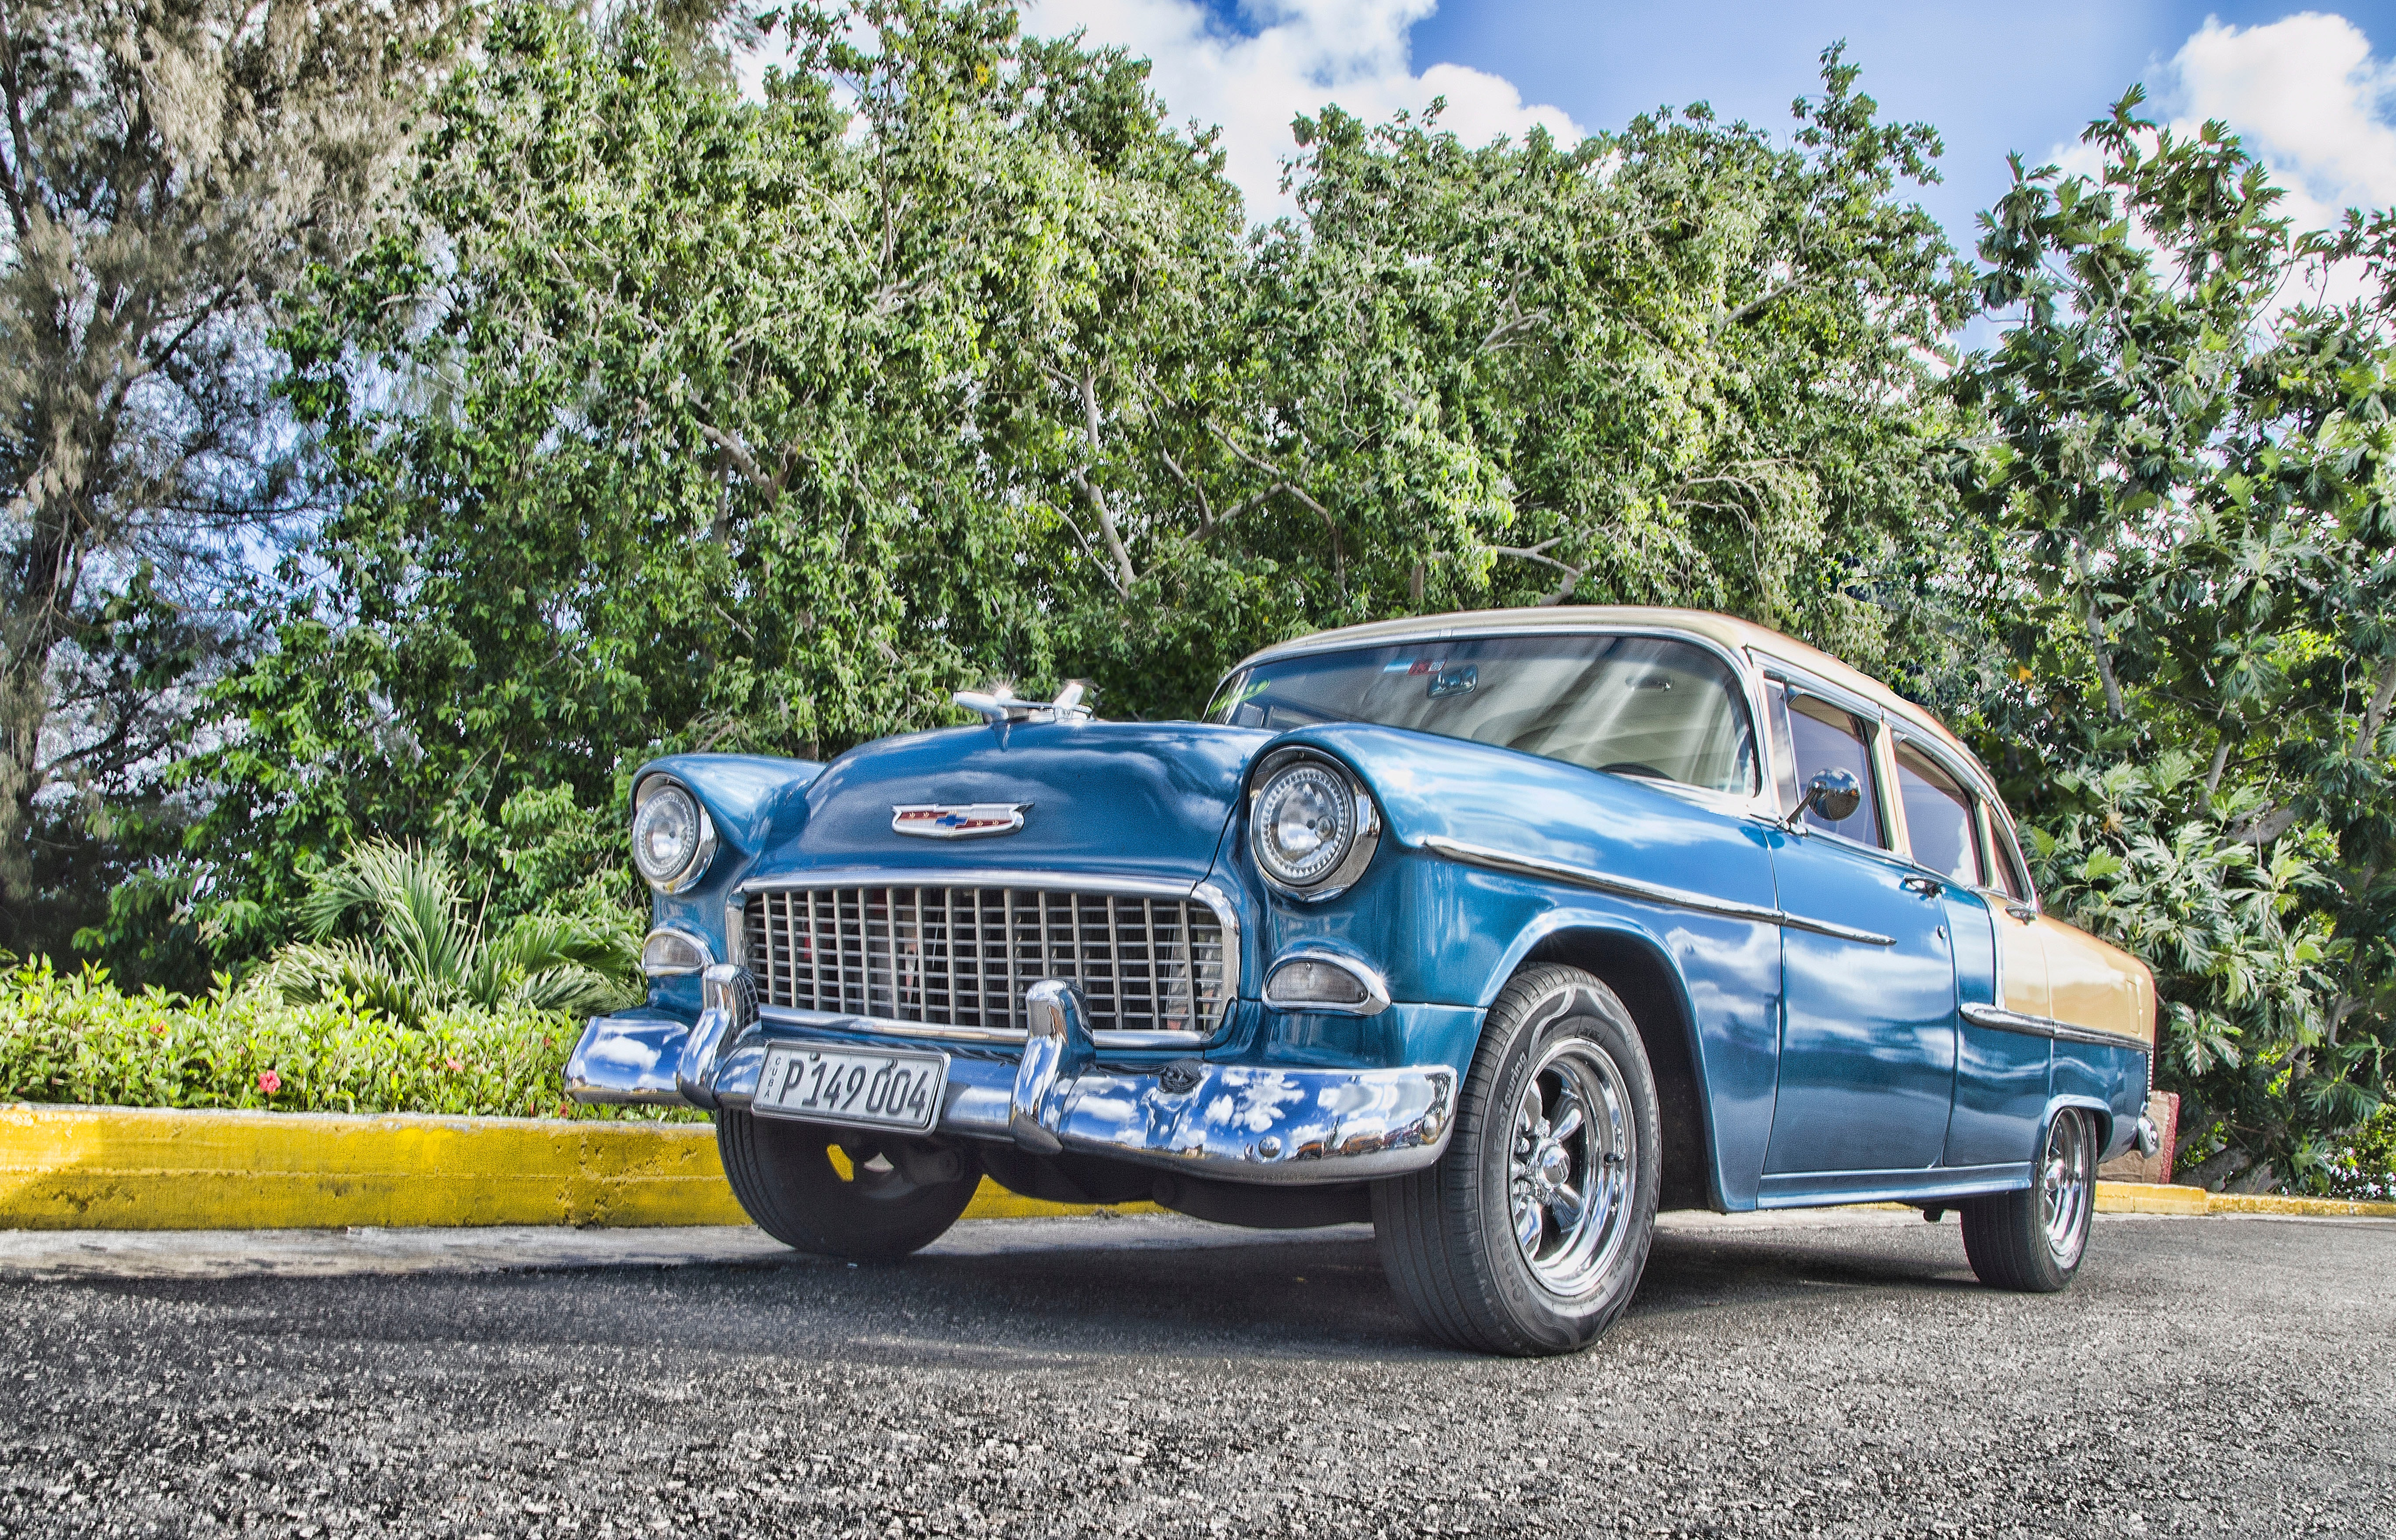 Vintage Blue Sedan, Asphalt, Outdoors, Vintage, Vehicle, HQ Photo